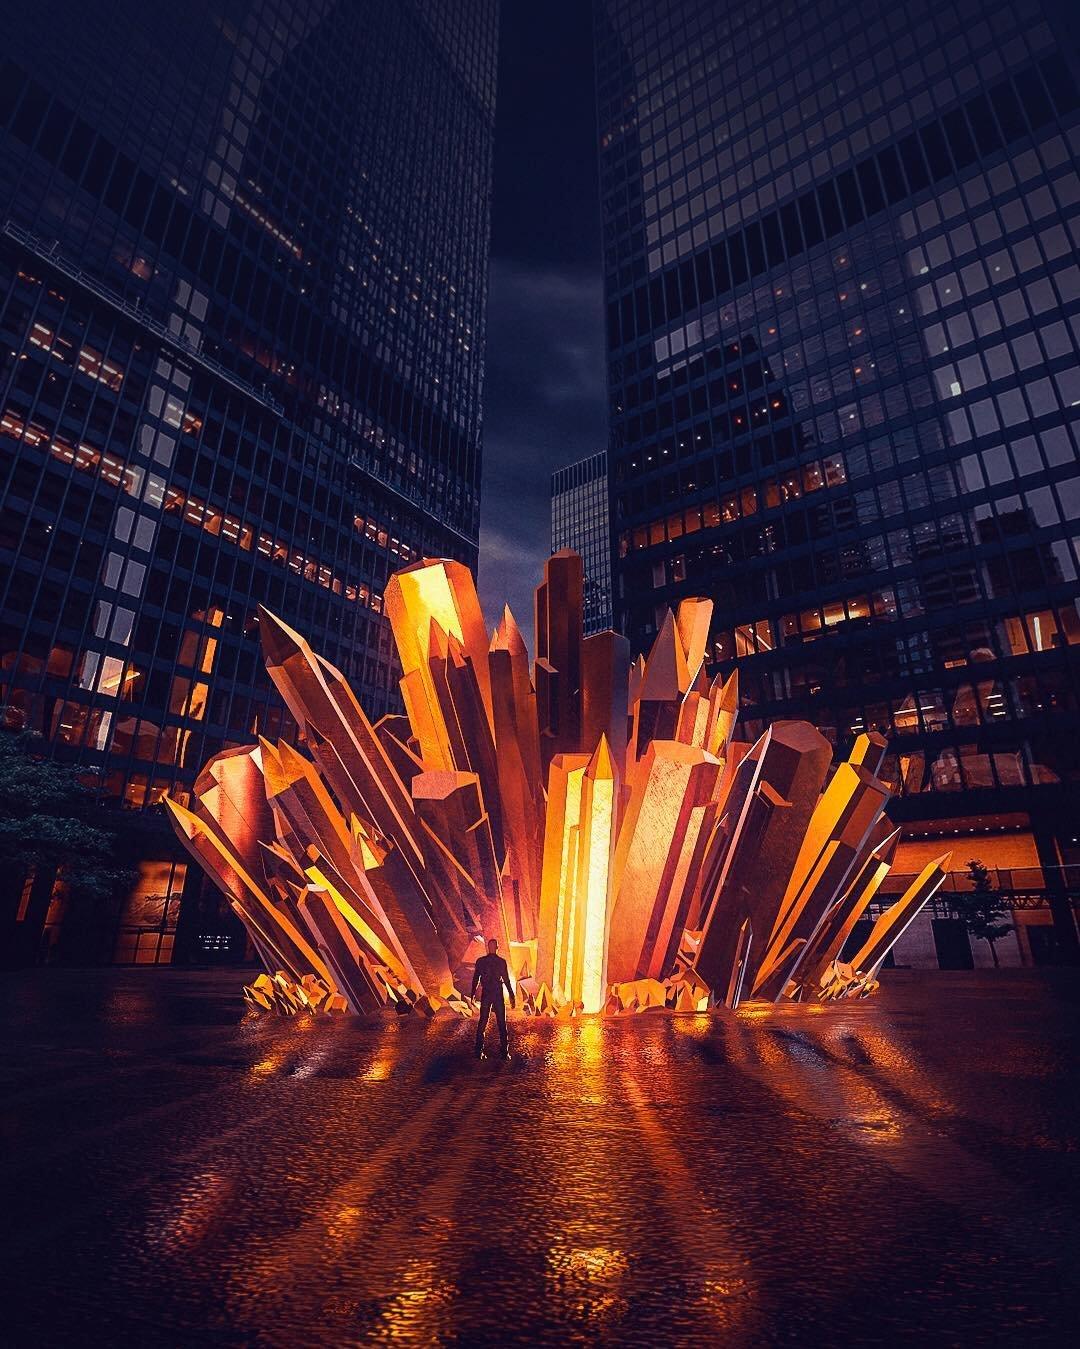 Удивительные киберпанковские и постапокалиптические урбанистические пейзажи